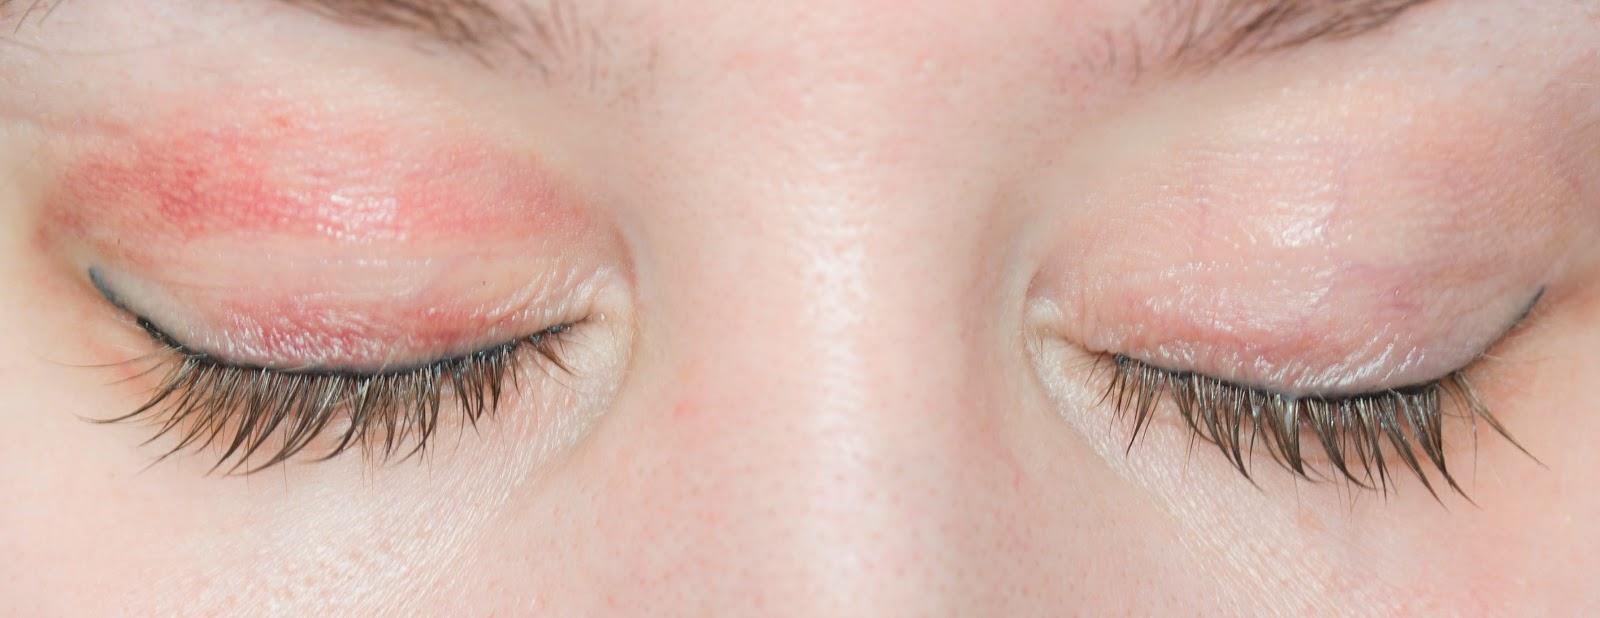 Корочки после татуаж глаз